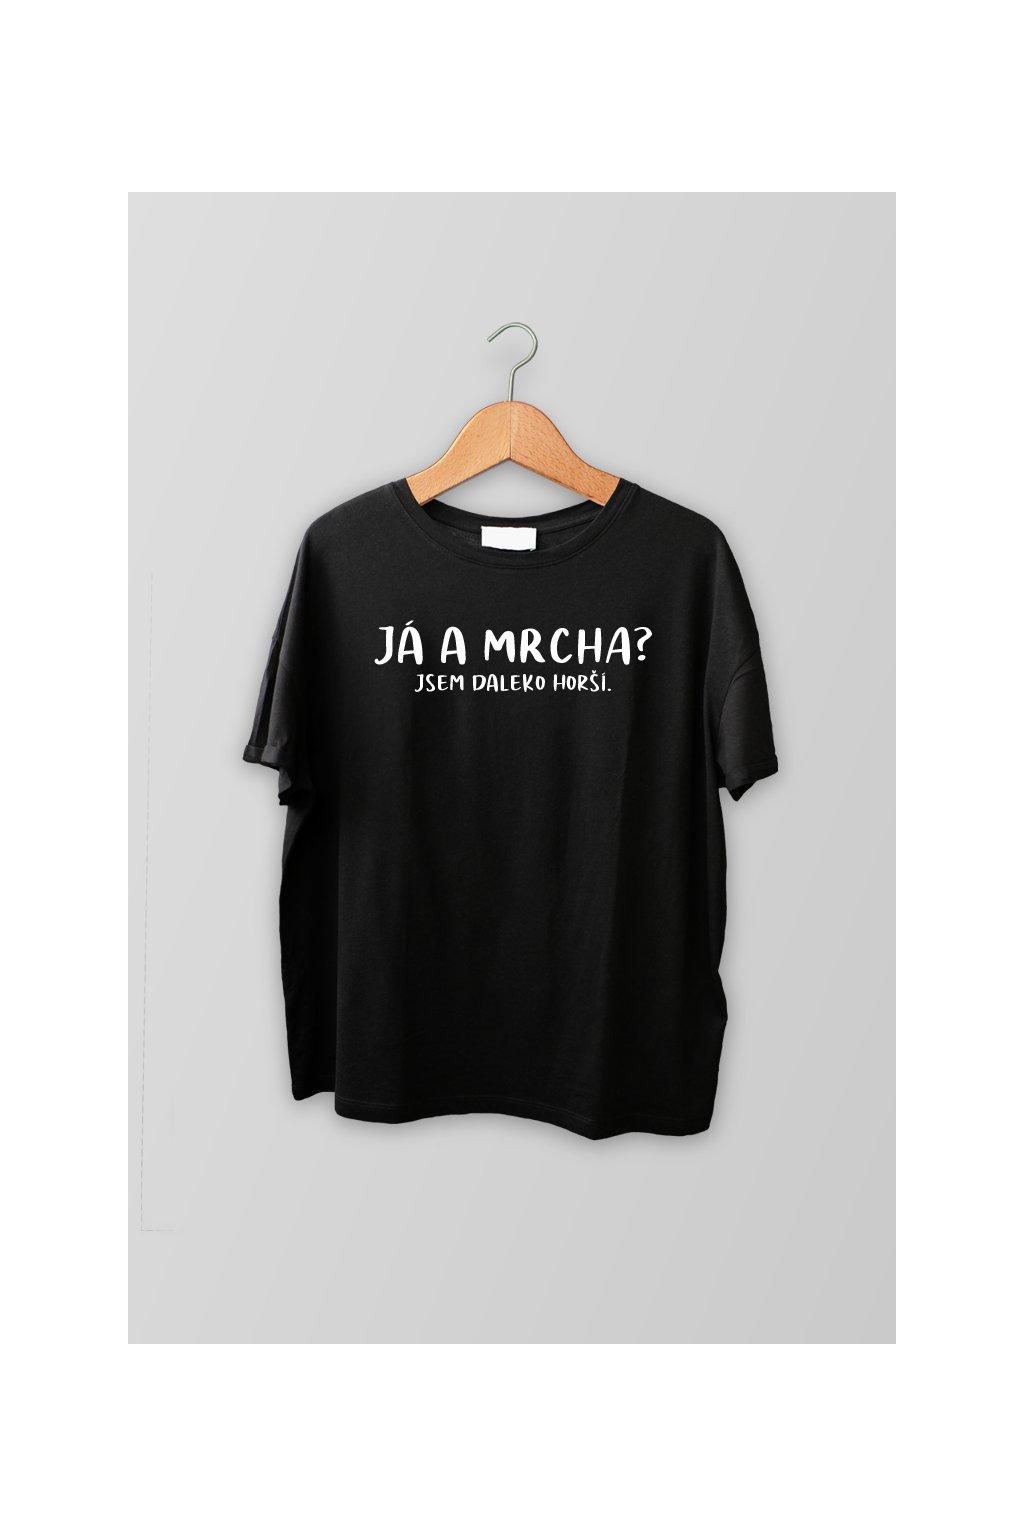 JÁ A MRCHA